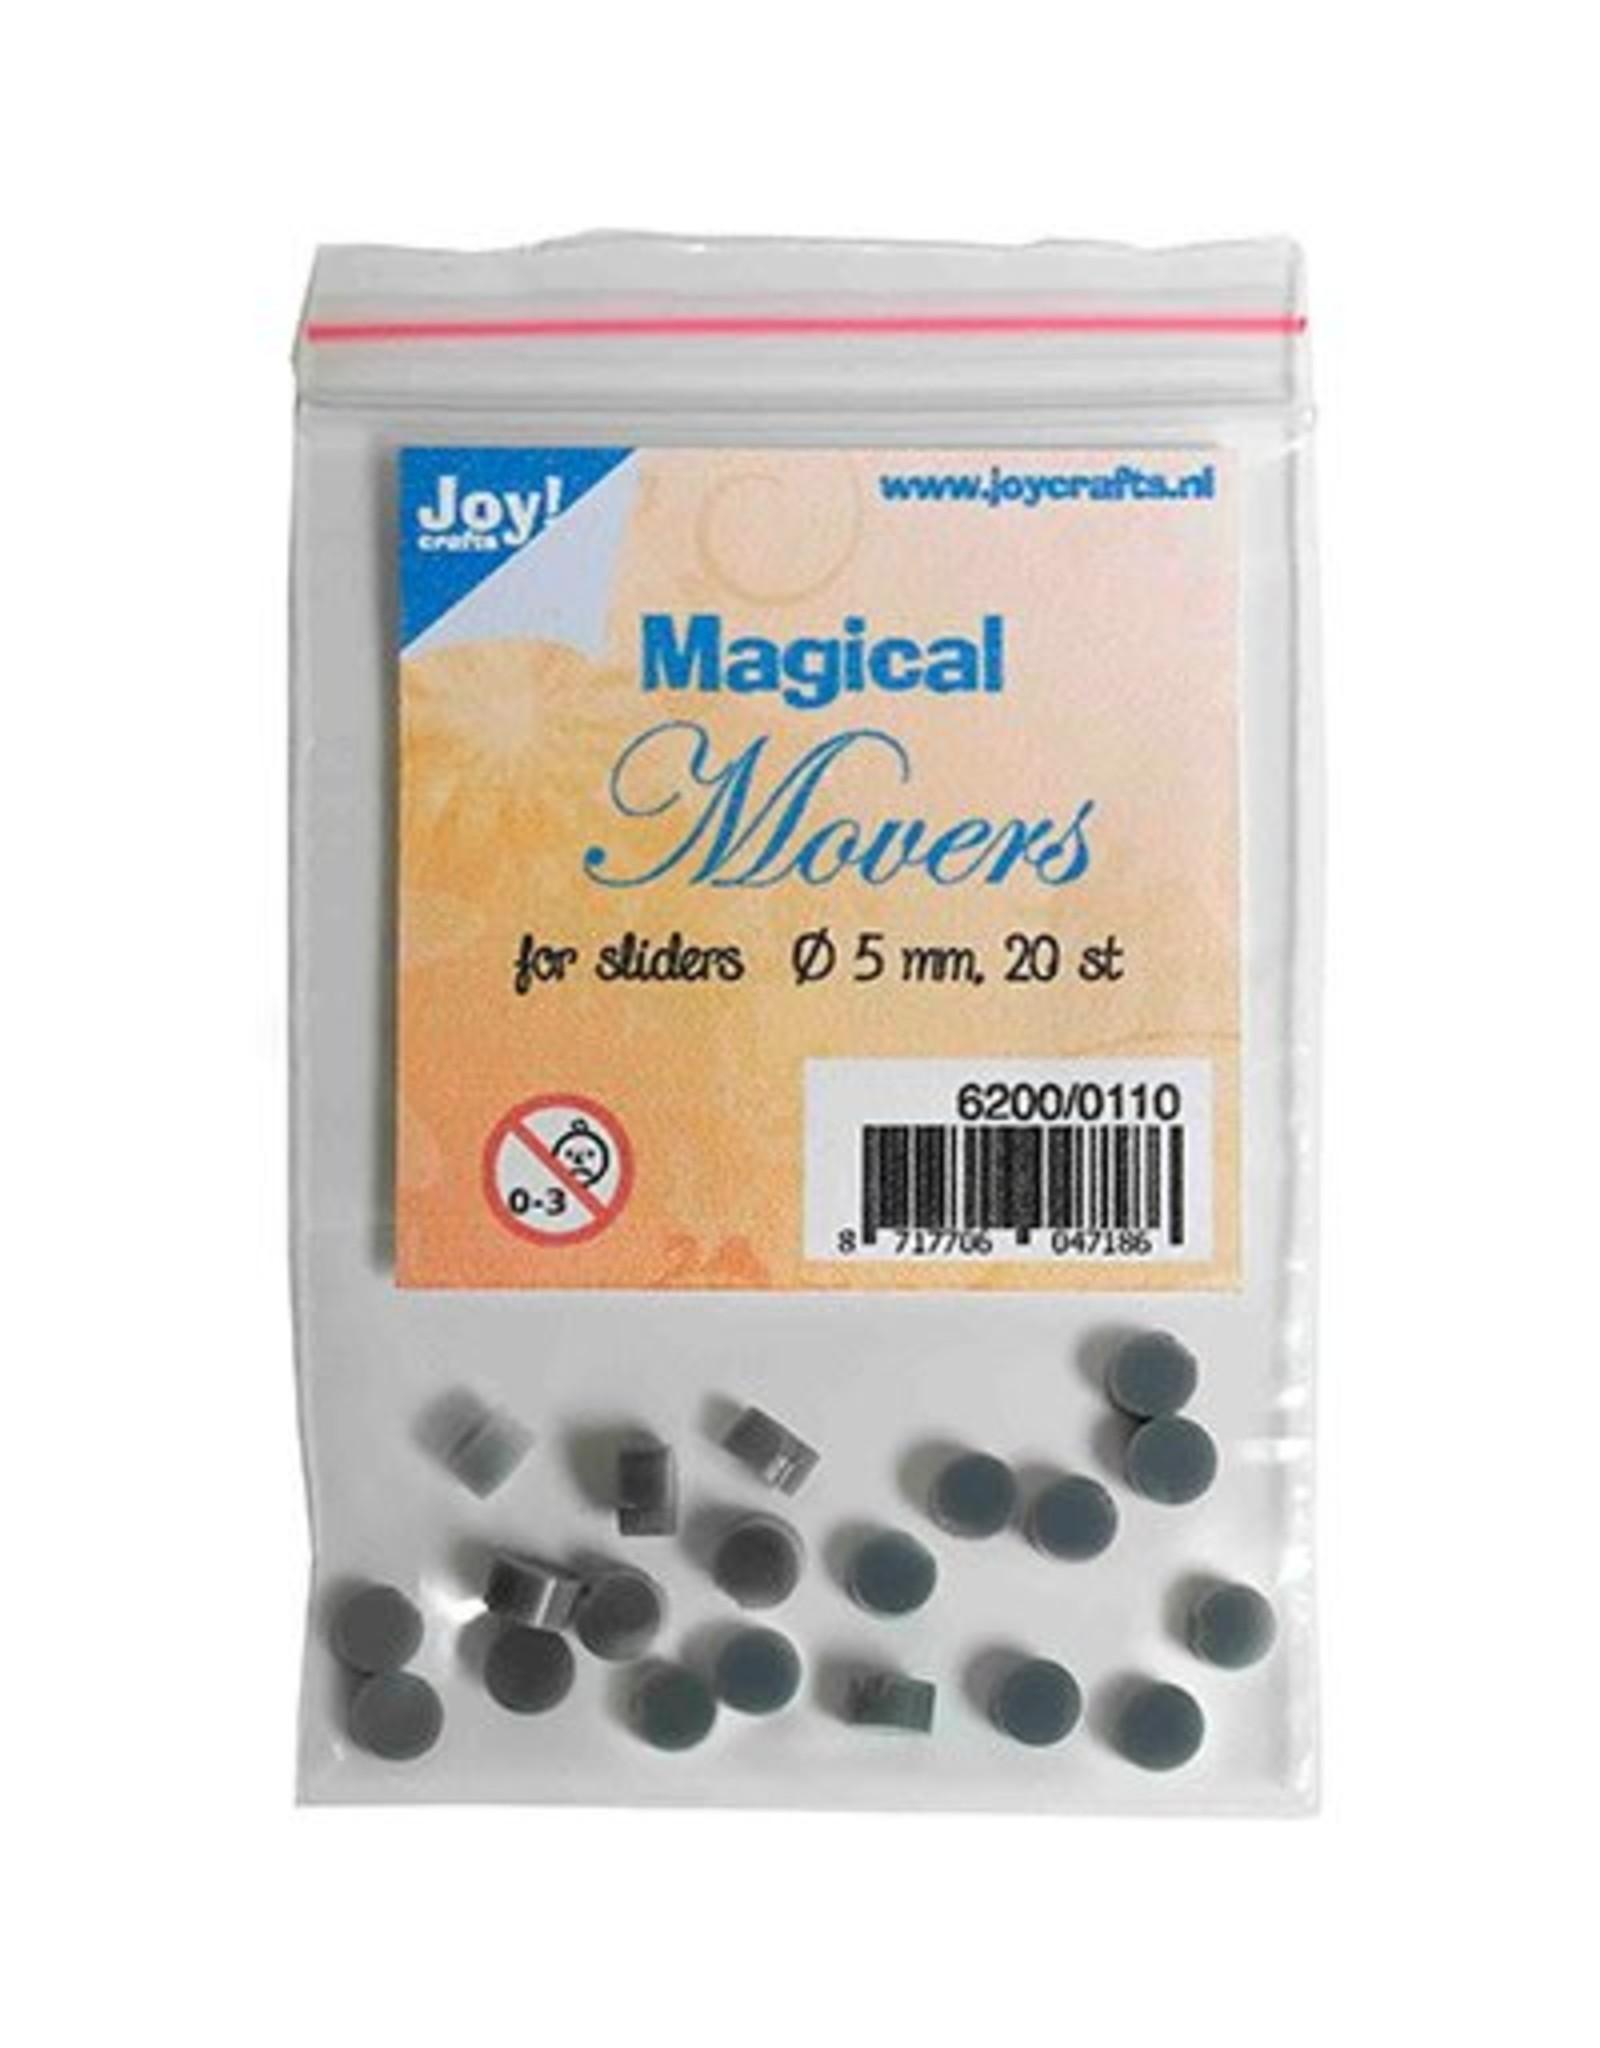 Joy Craft Joy Crafts Magical Movers voor sliderstencils 6200/0110